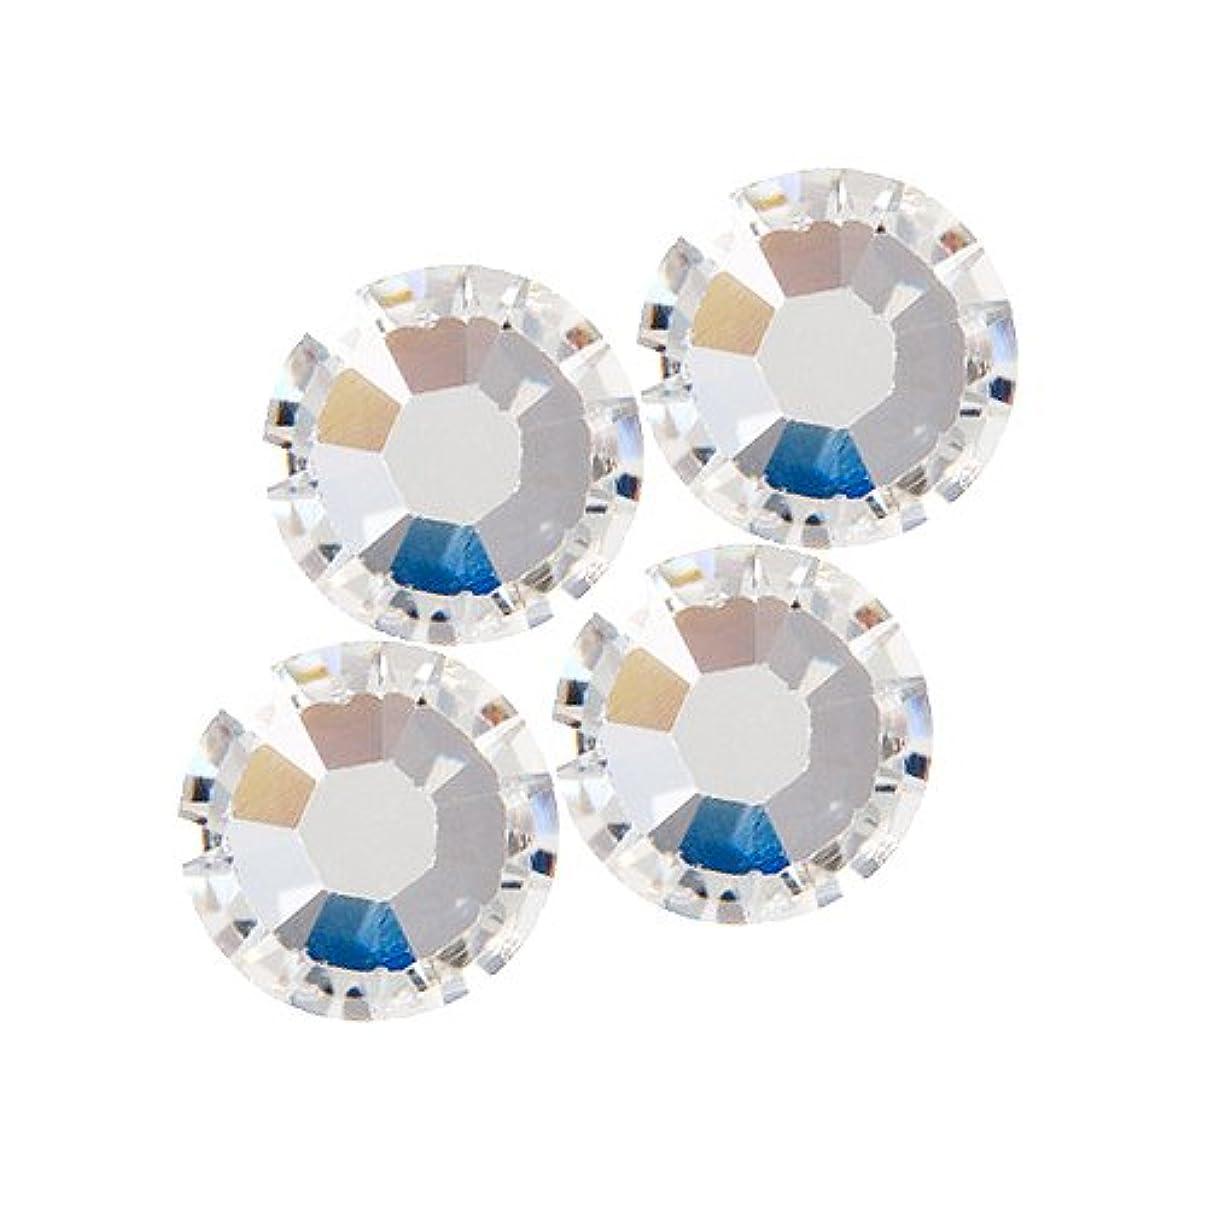 敬礼荒野打撃バイナル DIAMOND RHINESTONE  クリスタル SS8 1440粒 ST-SS8-CRY-10G